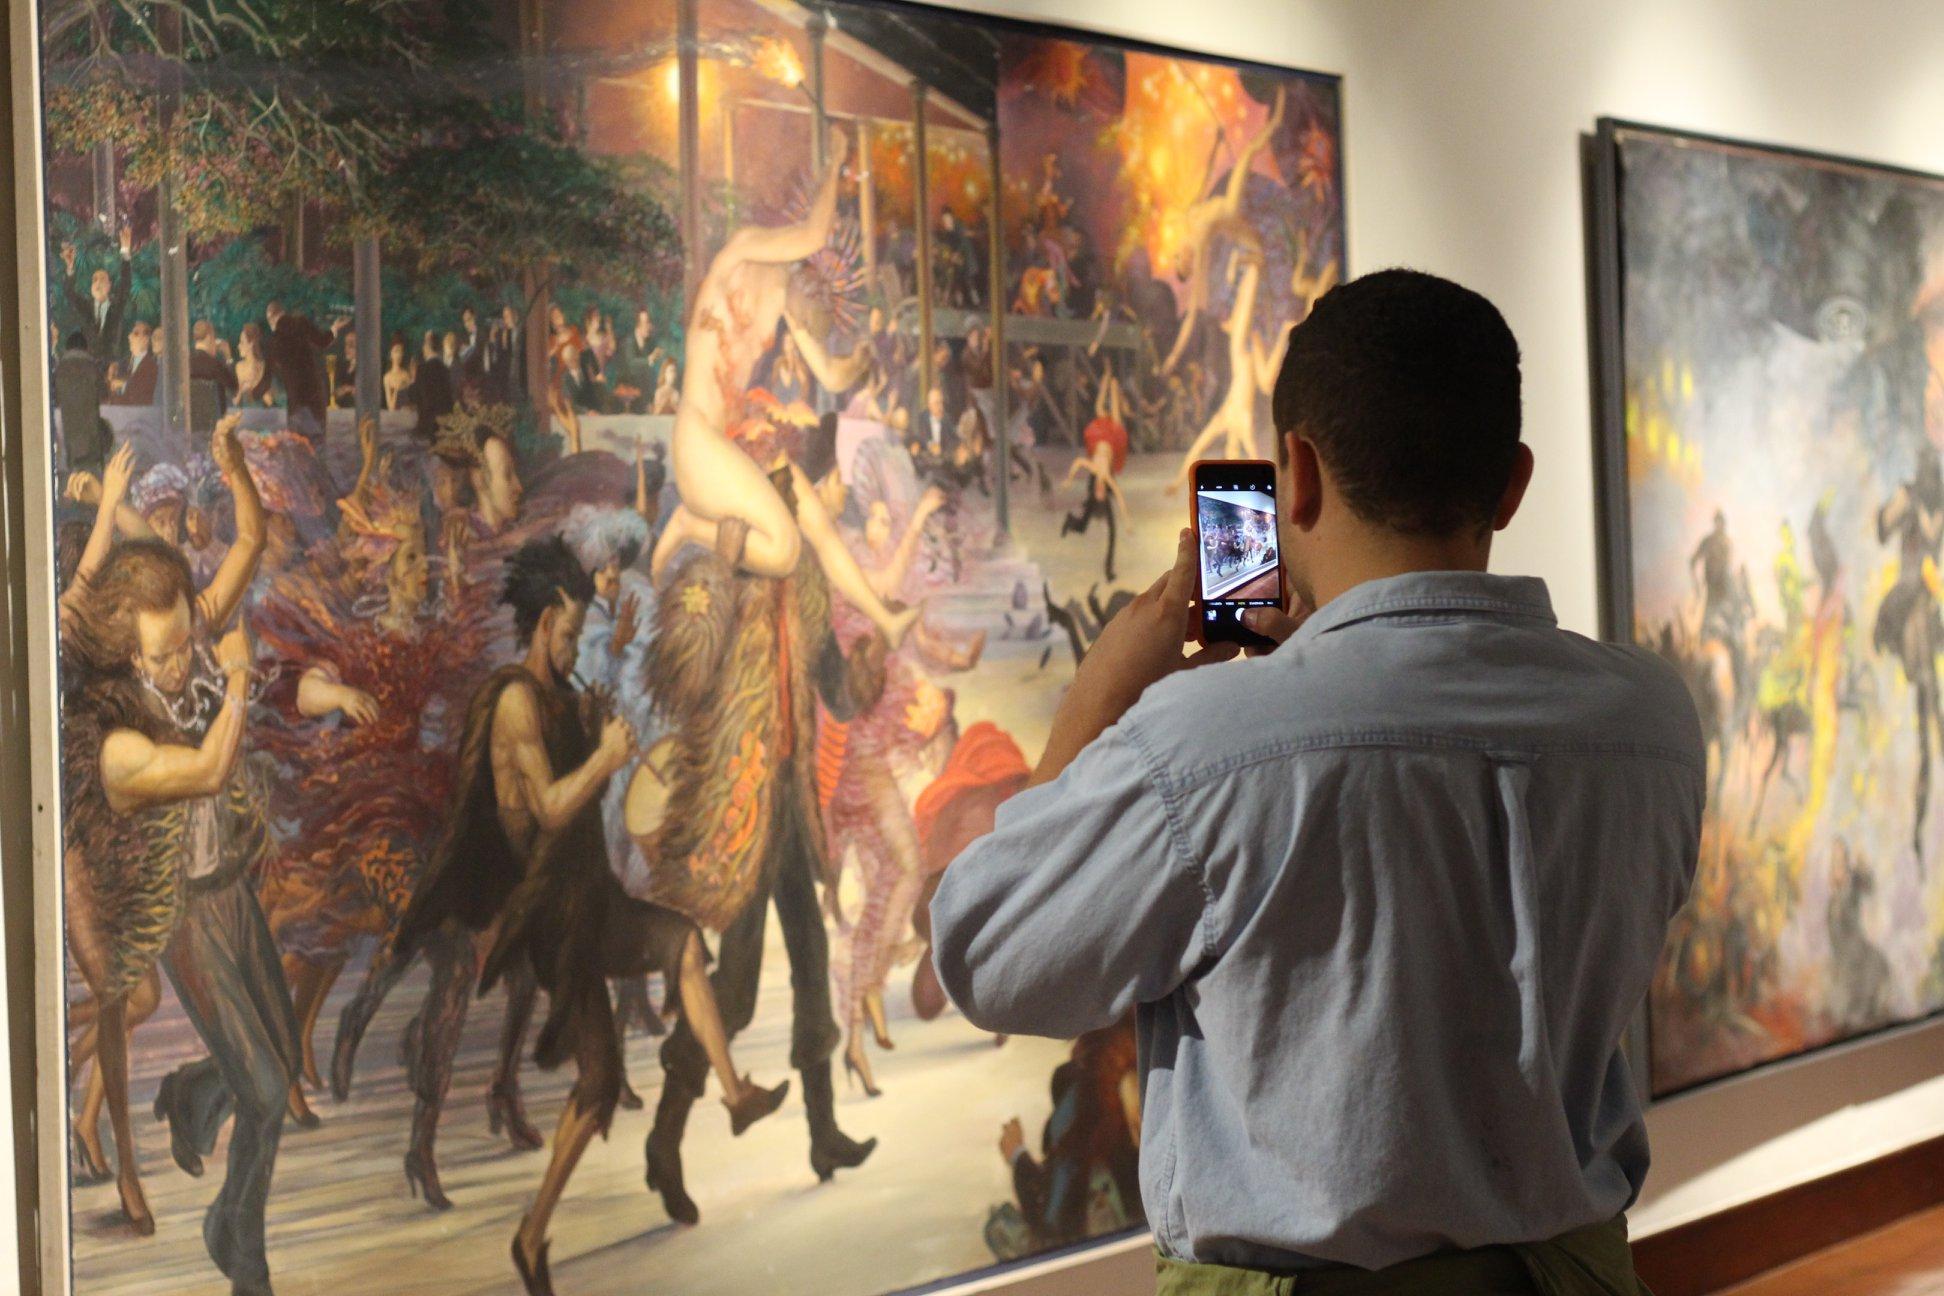 exposición de julio escámez en el MAC, 2018-2019 |    imagen tomada de la página de facebook del MAC